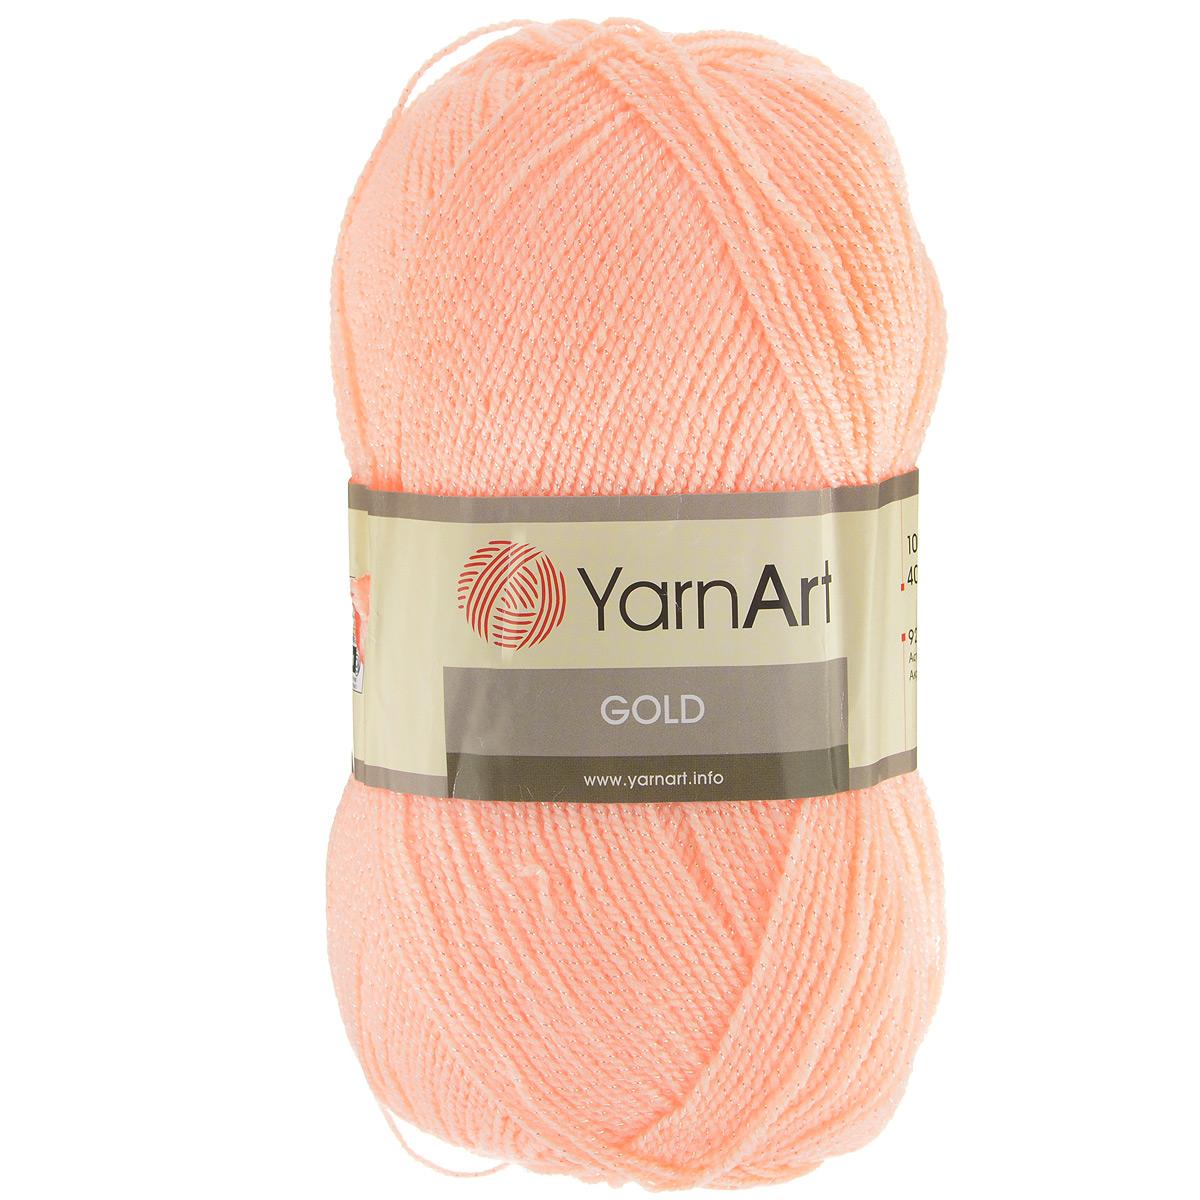 Пряжа для вязания YarnArt Gold, цвет: светло-персиковый (9353), 400 м, 100 г, 5 шт372007_9353Мерцающая нитка с люрексом для вязания эффектных вещей, тонкая, мягкая, нежная, приятная на ощупь. Пряжа окрашена равномерно с помощью стойких высококачественных красителей, нить плотно скручена, люрекс не выбивается в процессе вязания, петли ложатся равномерно. YarnArt Gold - декоративная пряжа с широкой цветовой палитрой, предназначенная для демисезонной одежды. Акрил защищает готовое изделие от закошлачивания, деформации после стирки и сушки. Нить гибкая и эластичная, хорошо тянется, превосходно сохраняет форму после носки. Изысканная пряжа для создания вечерних нарядов выглядит дорого и стильно. Кроме традиционного золотистого и серебристого, люрекс предлагается в тон нити - синий, зеленый, бежевый и т.д. Таким образом, блеск получается ненавязчивым, гармоничным, приятным глазу. YarnArt Gold выглядит красиво в болеро, свитерах, палантинах, шалях, шапках, шарфах, перчатках, гетрах, а также нарядных детских платьях, кофтах. Рекомендуется для вязания на спицах 2,75...